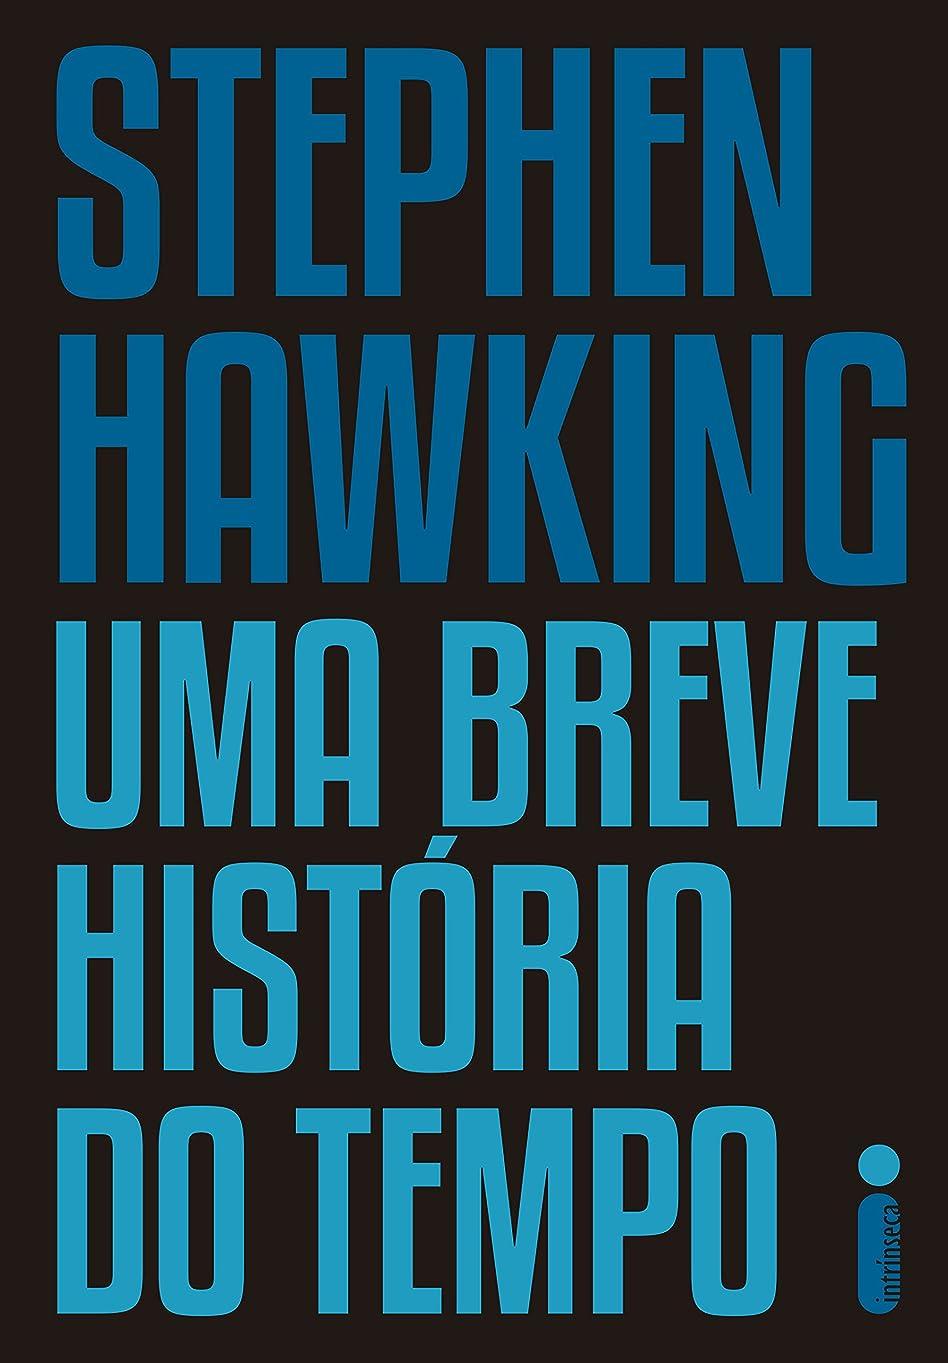 絶壁あいさつ侵略Uma breve história do tempo (Portuguese Edition)